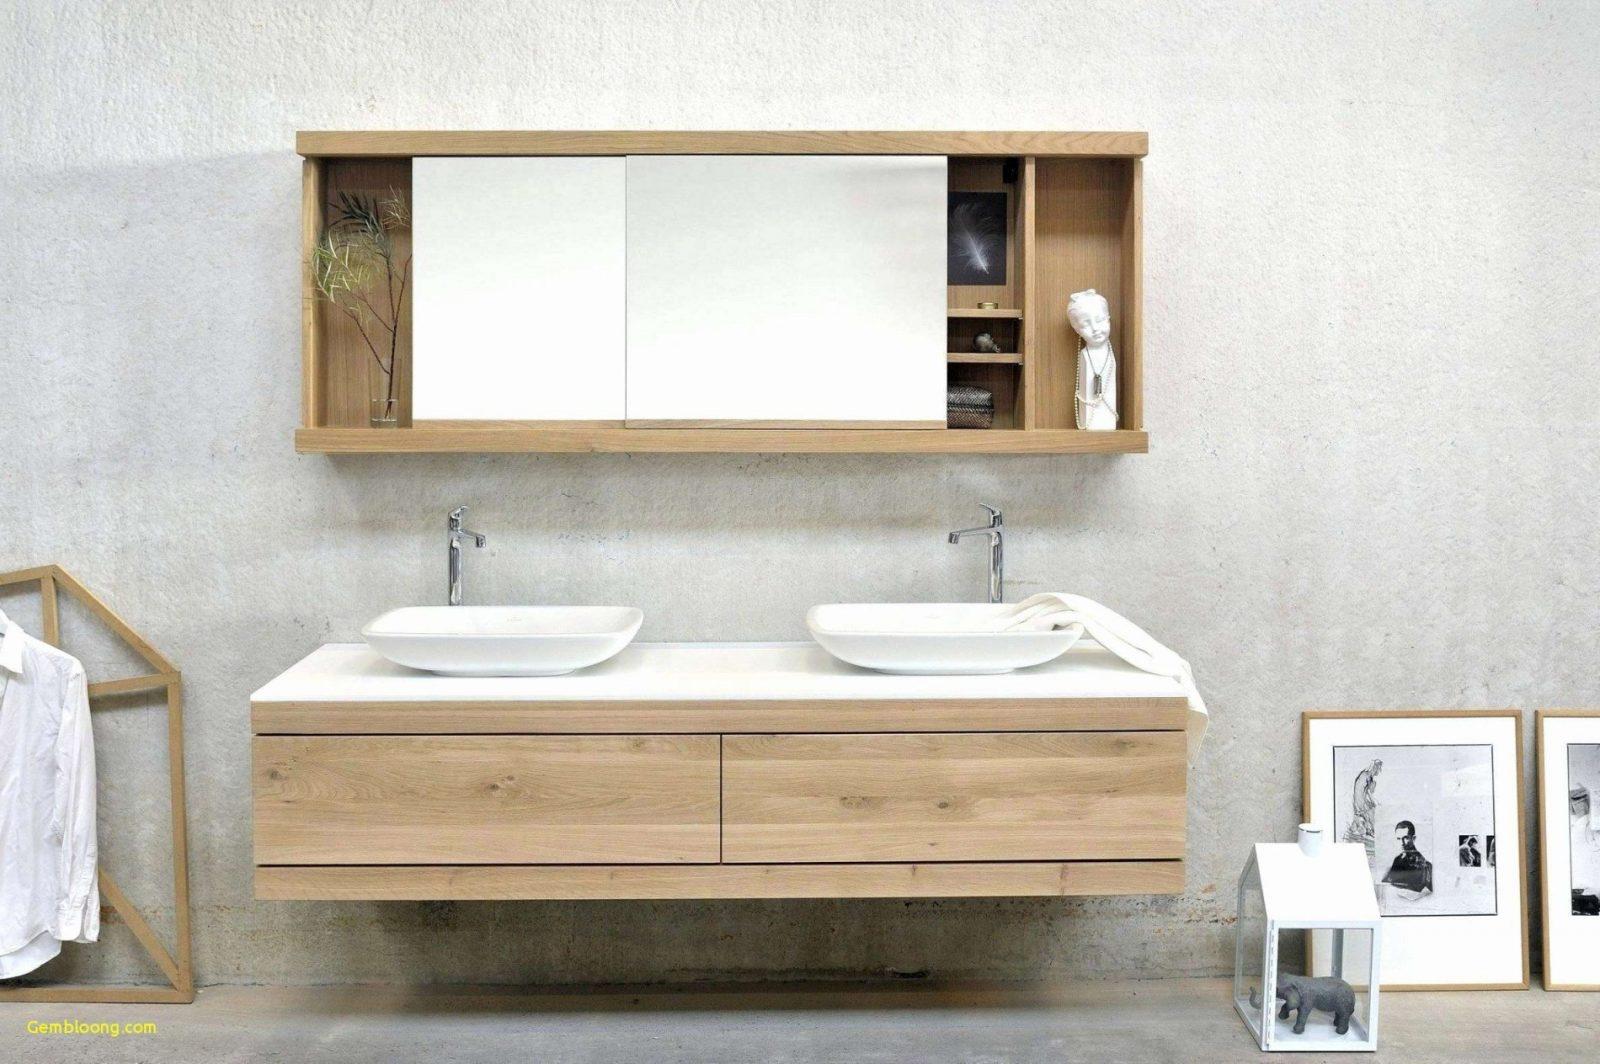 Garten Waschtisch Elegant Waschtisch Unterschrank Holz Selber Bauen von Unterschrank Für Aufsatzwaschbecken Selber Bauen Photo